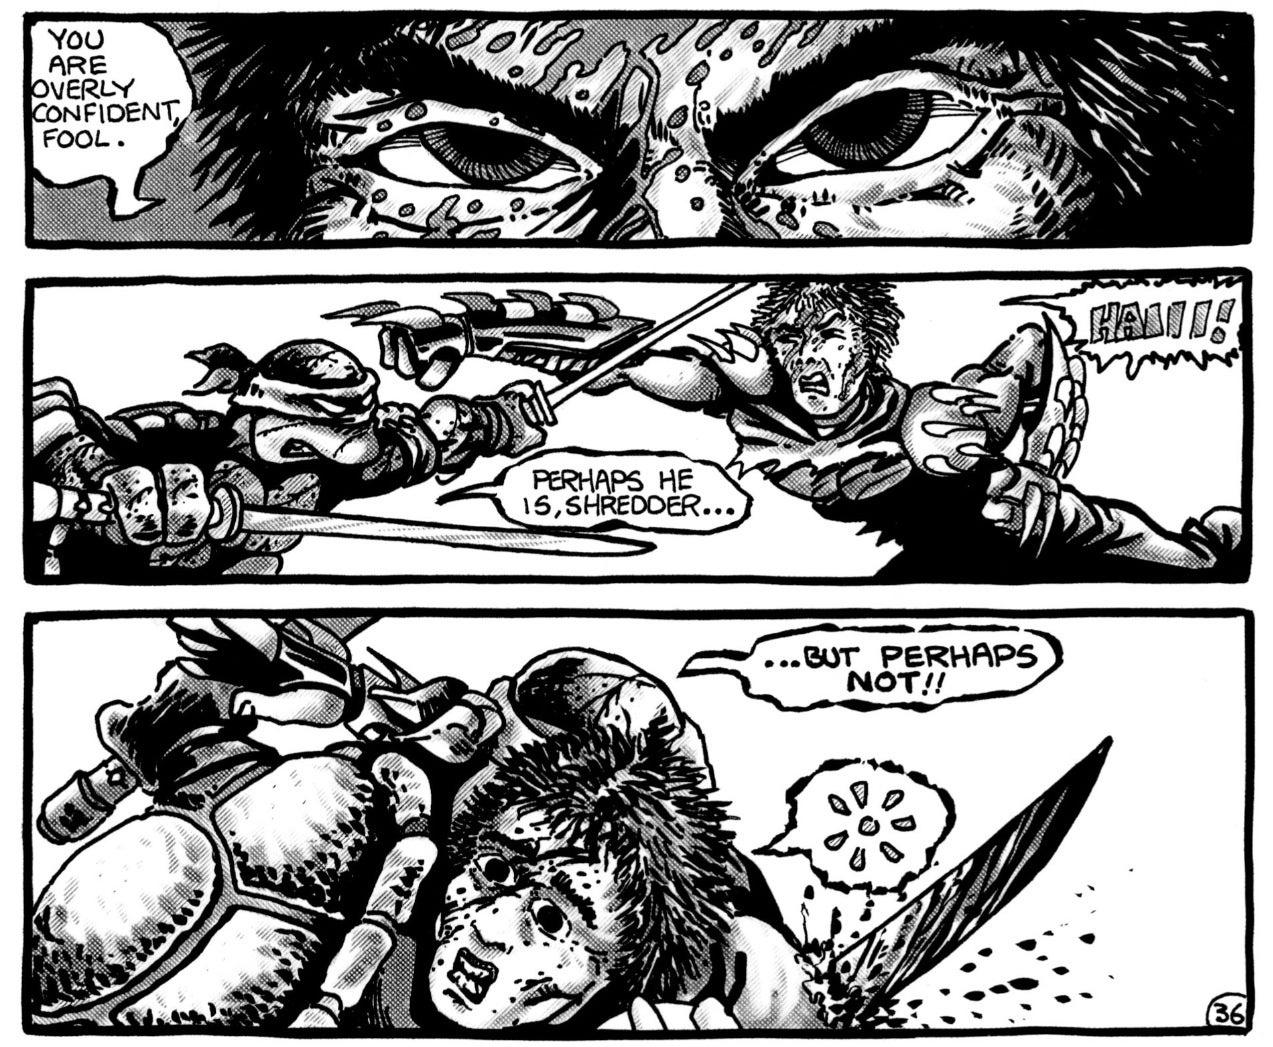 Les comics que vous lisez en ce moment - Page 3 Tmnt-shredder-death-104211